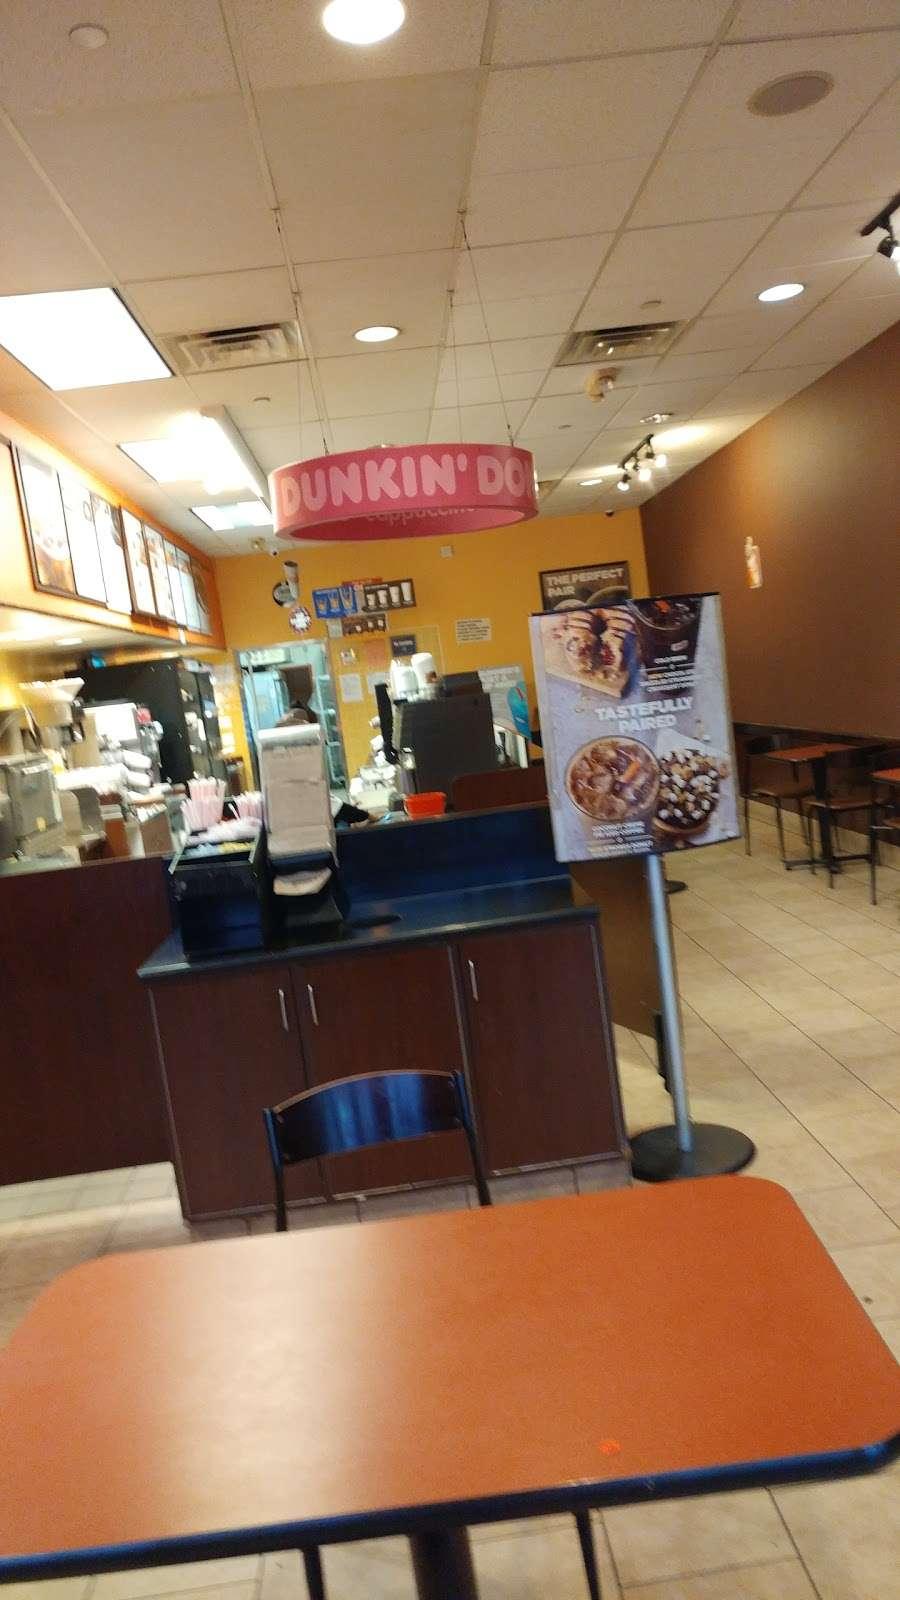 Dunkin Donuts - cafe  | Photo 3 of 10 | Address: 1720 Atlantic Ave, Brooklyn, NY 11213, USA | Phone: (718) 756-1011